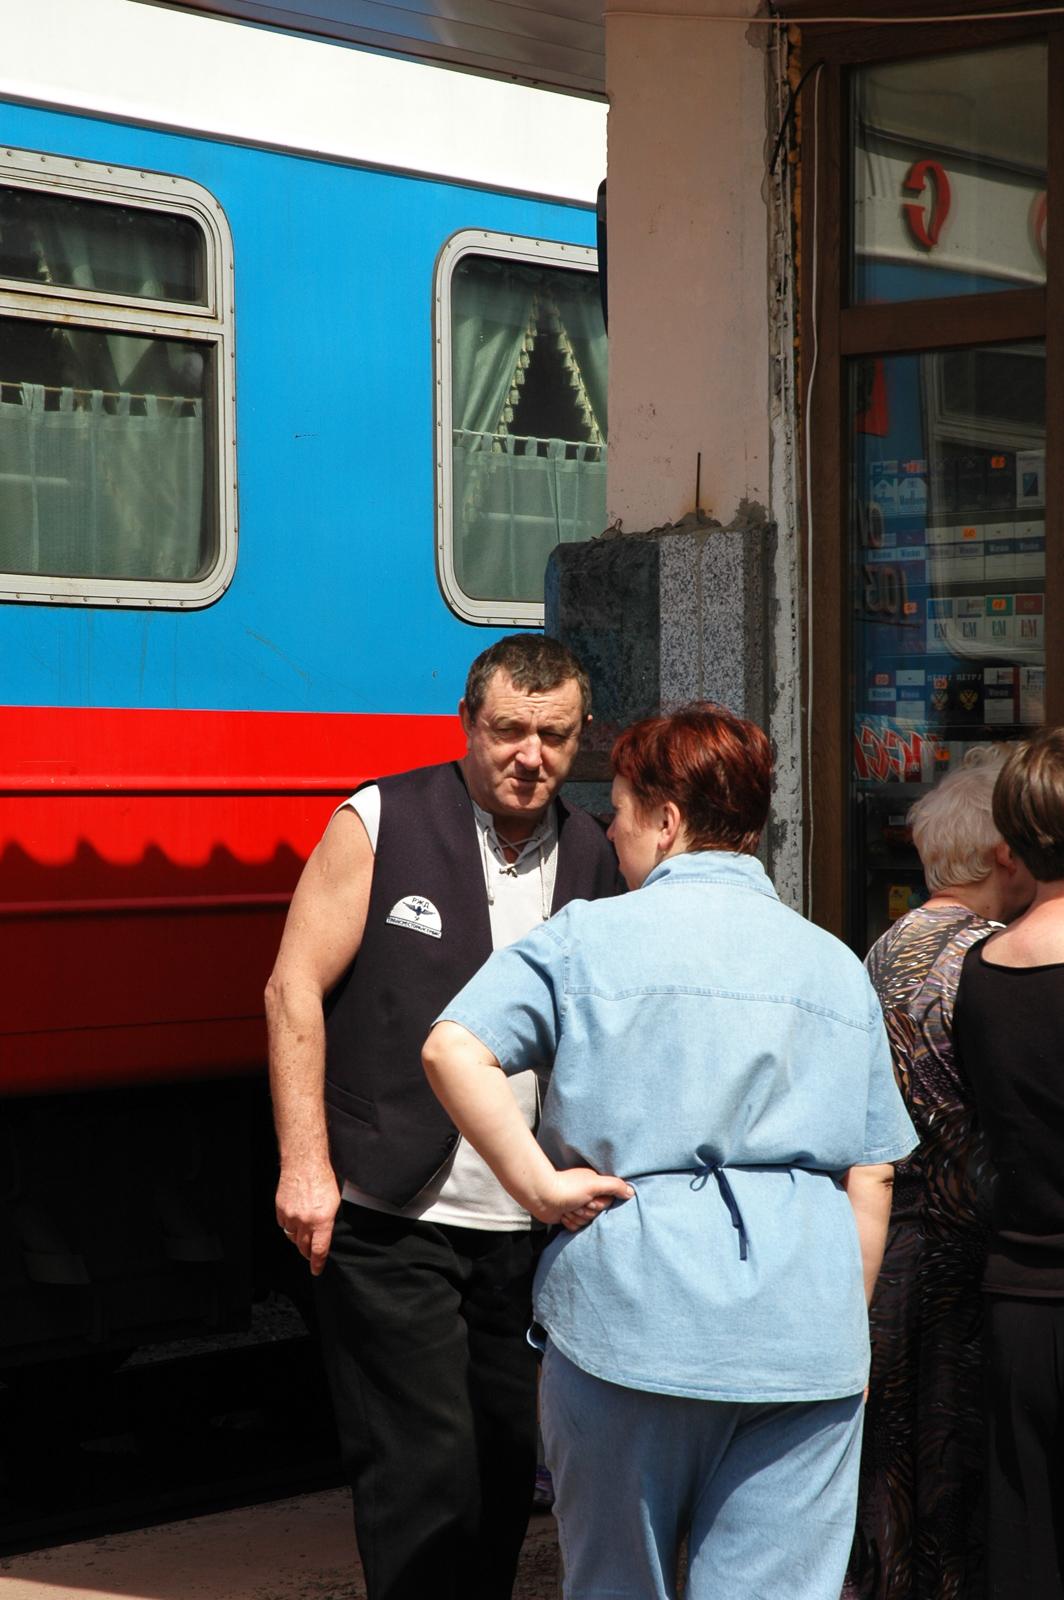 Junan keittiohenkilokunta ostoksilla Krasnojarskin asemalla